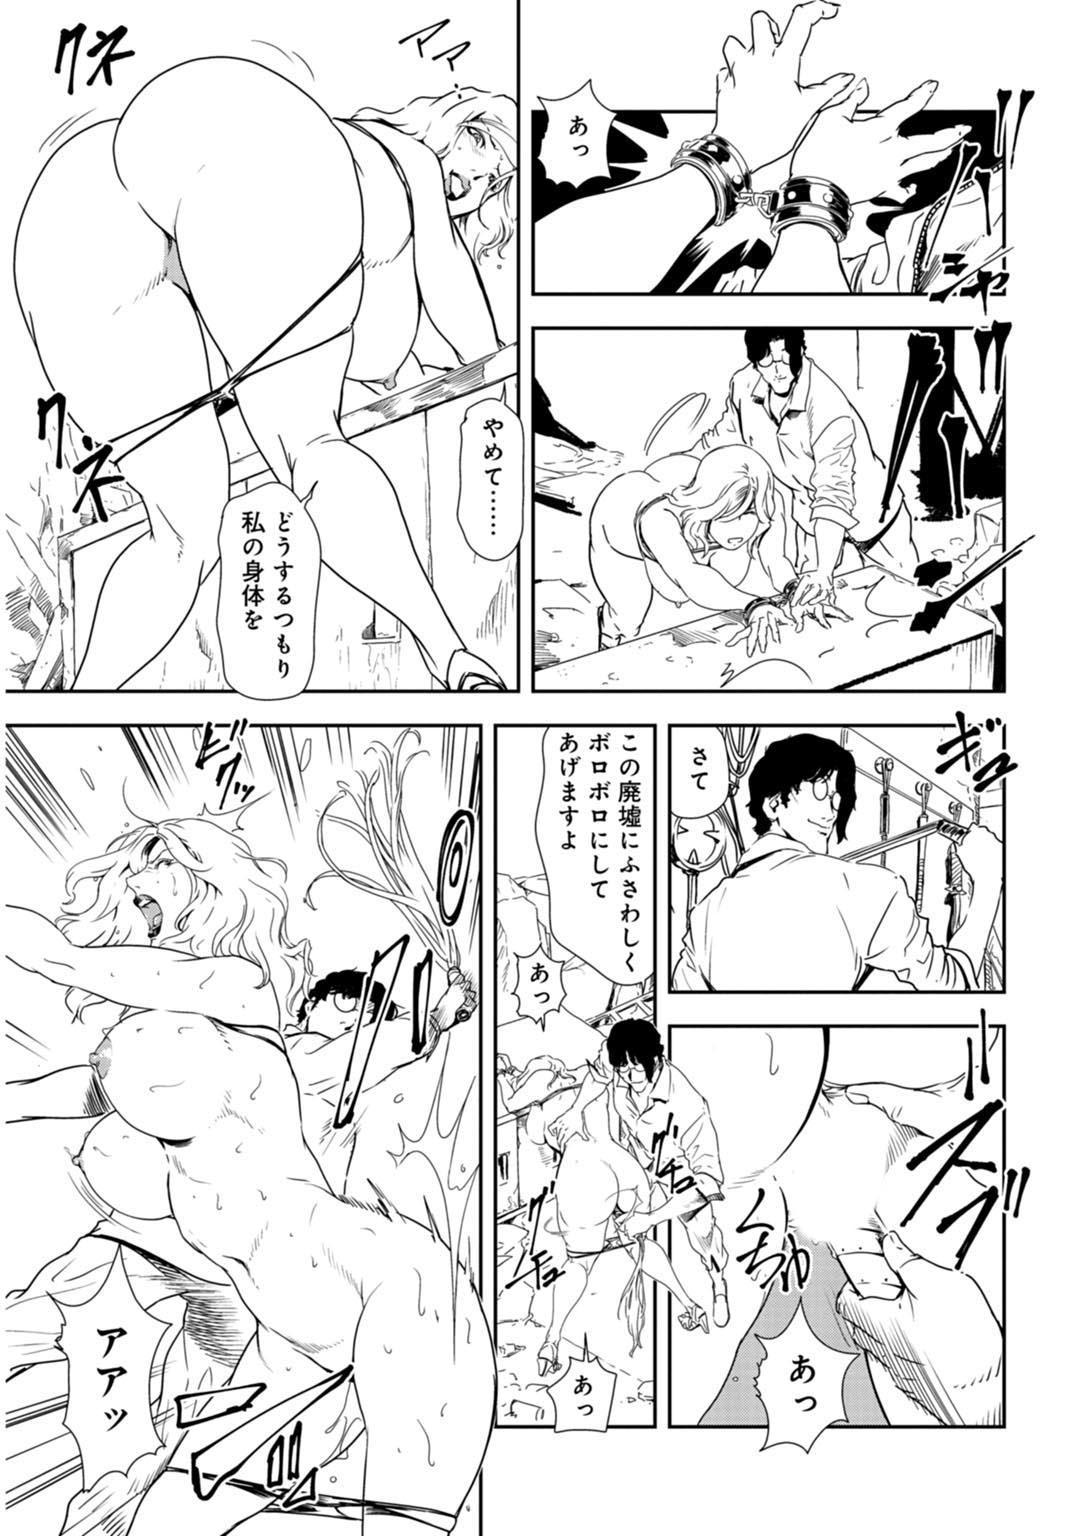 Nikuhisyo Yukiko 27 19